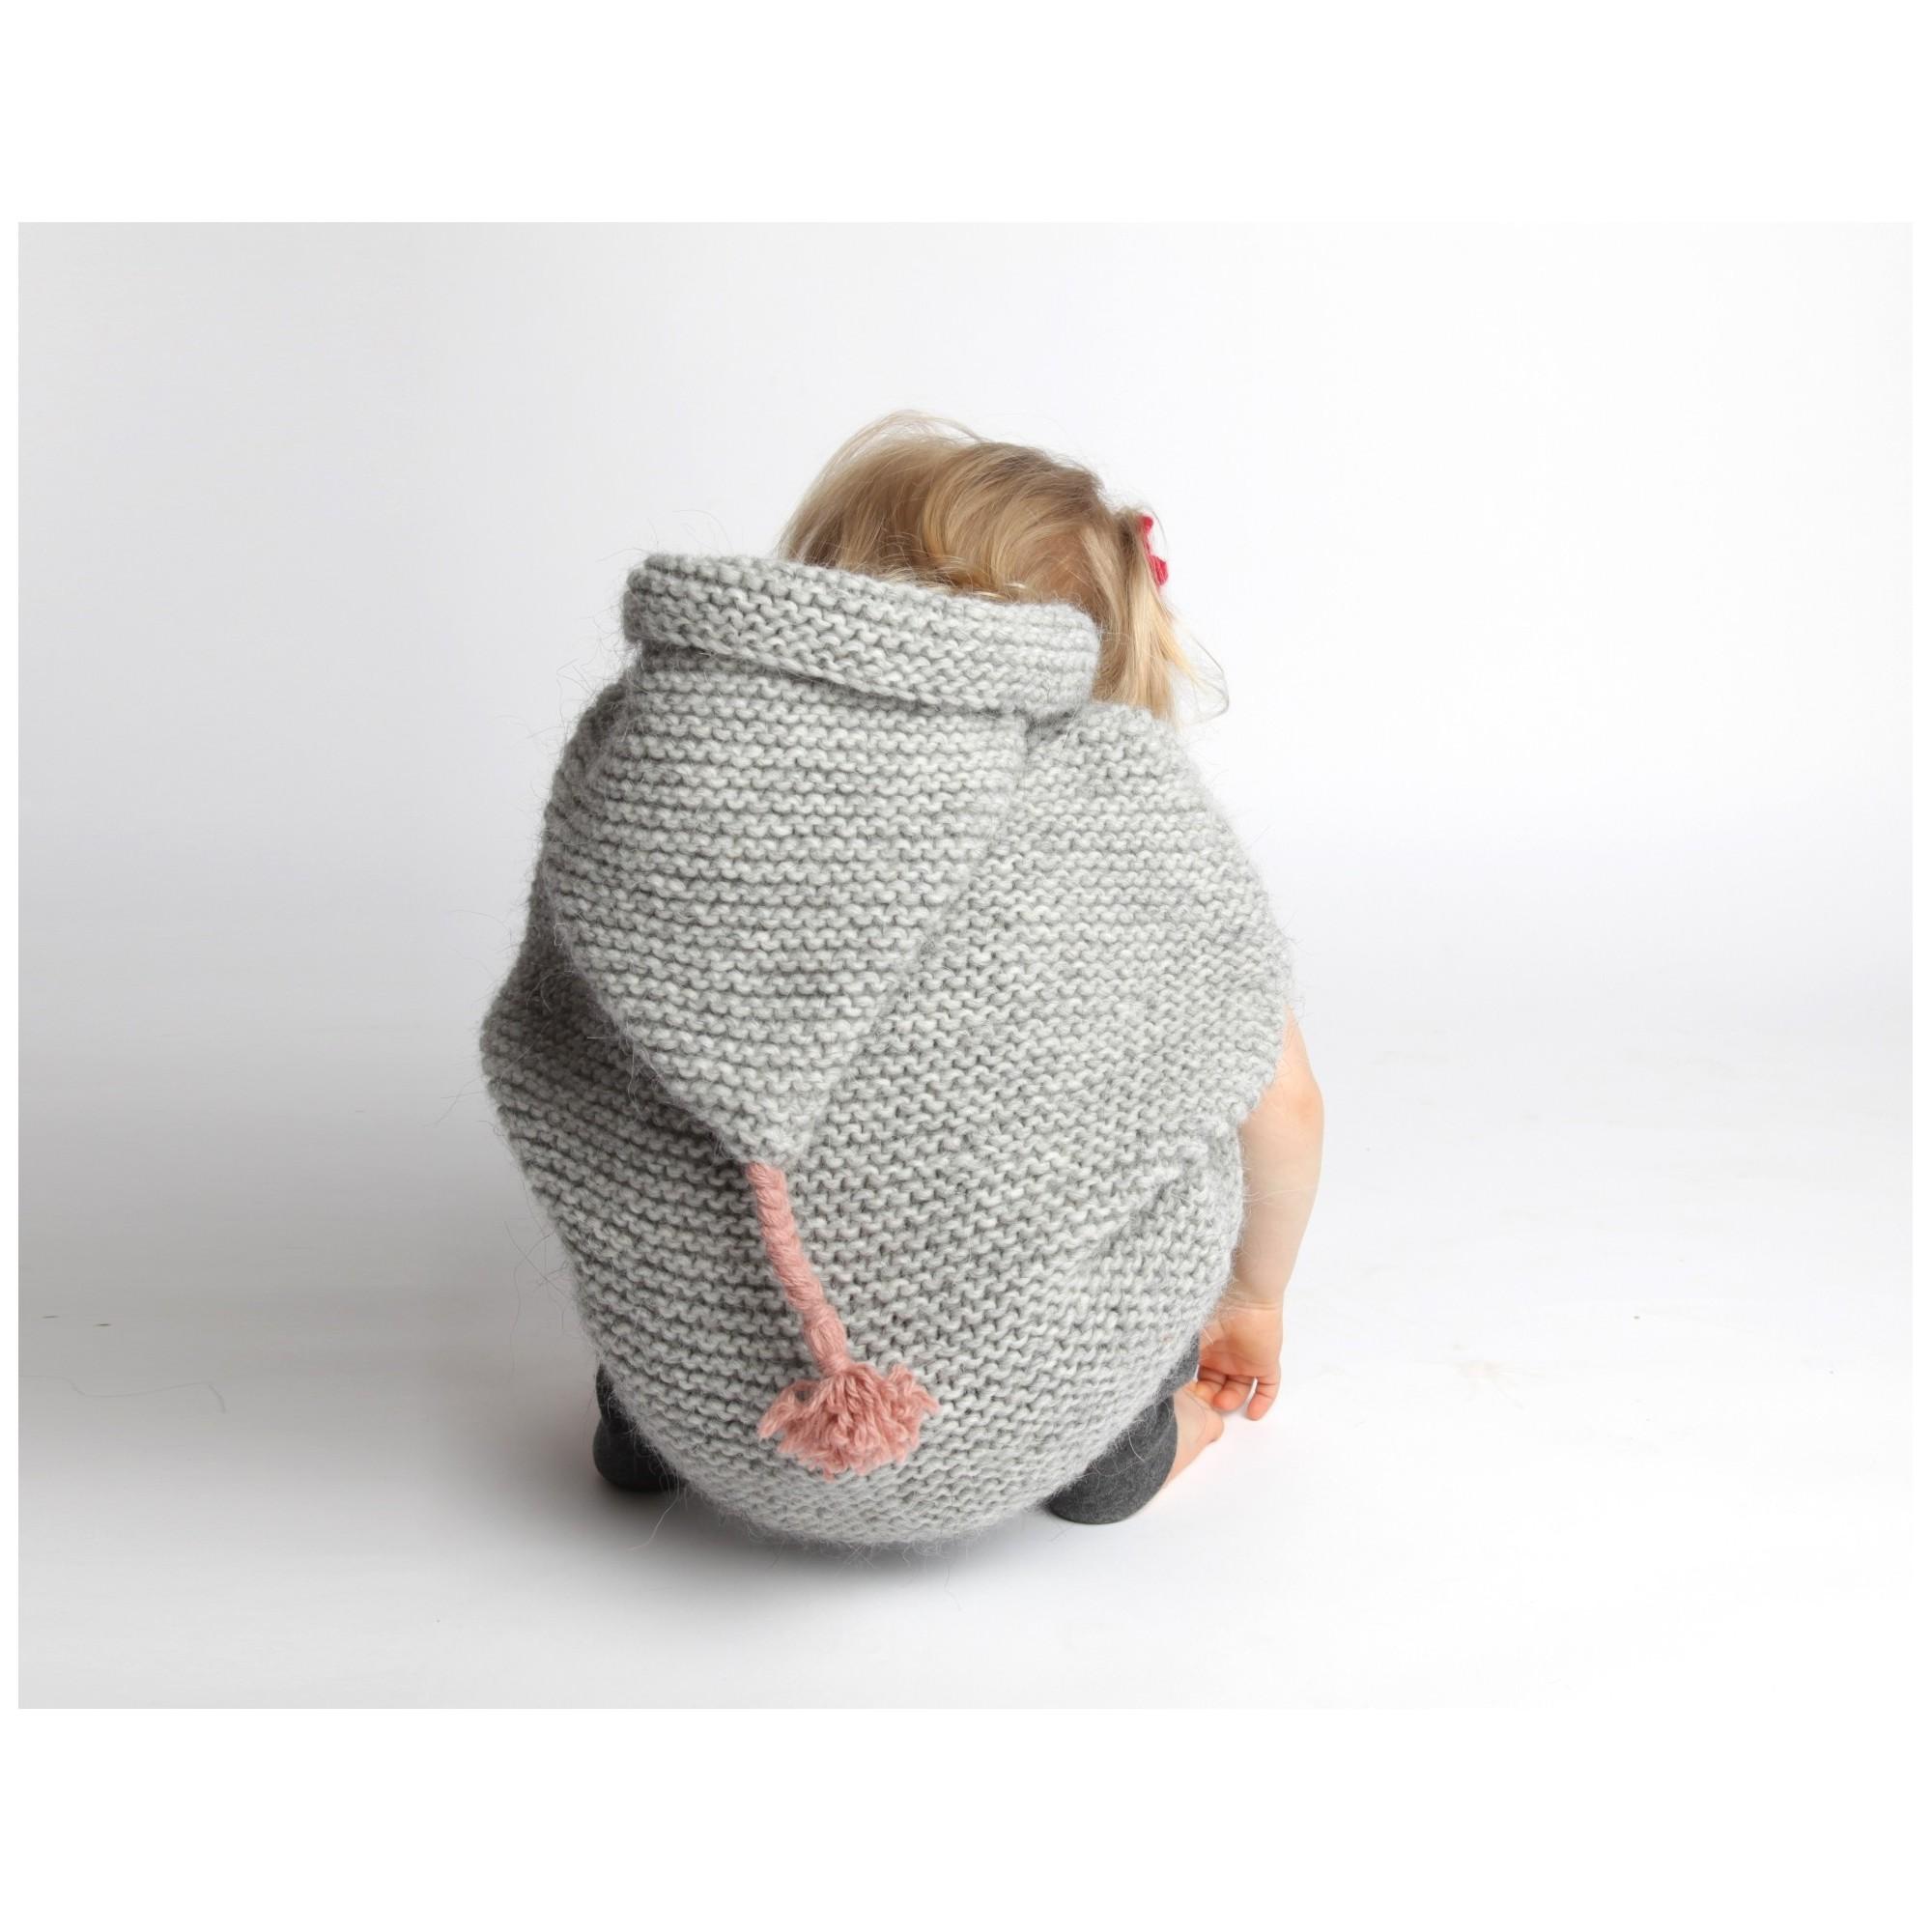 Cape bébé grise, au point mousse, en laine et alpaga - portée- dos